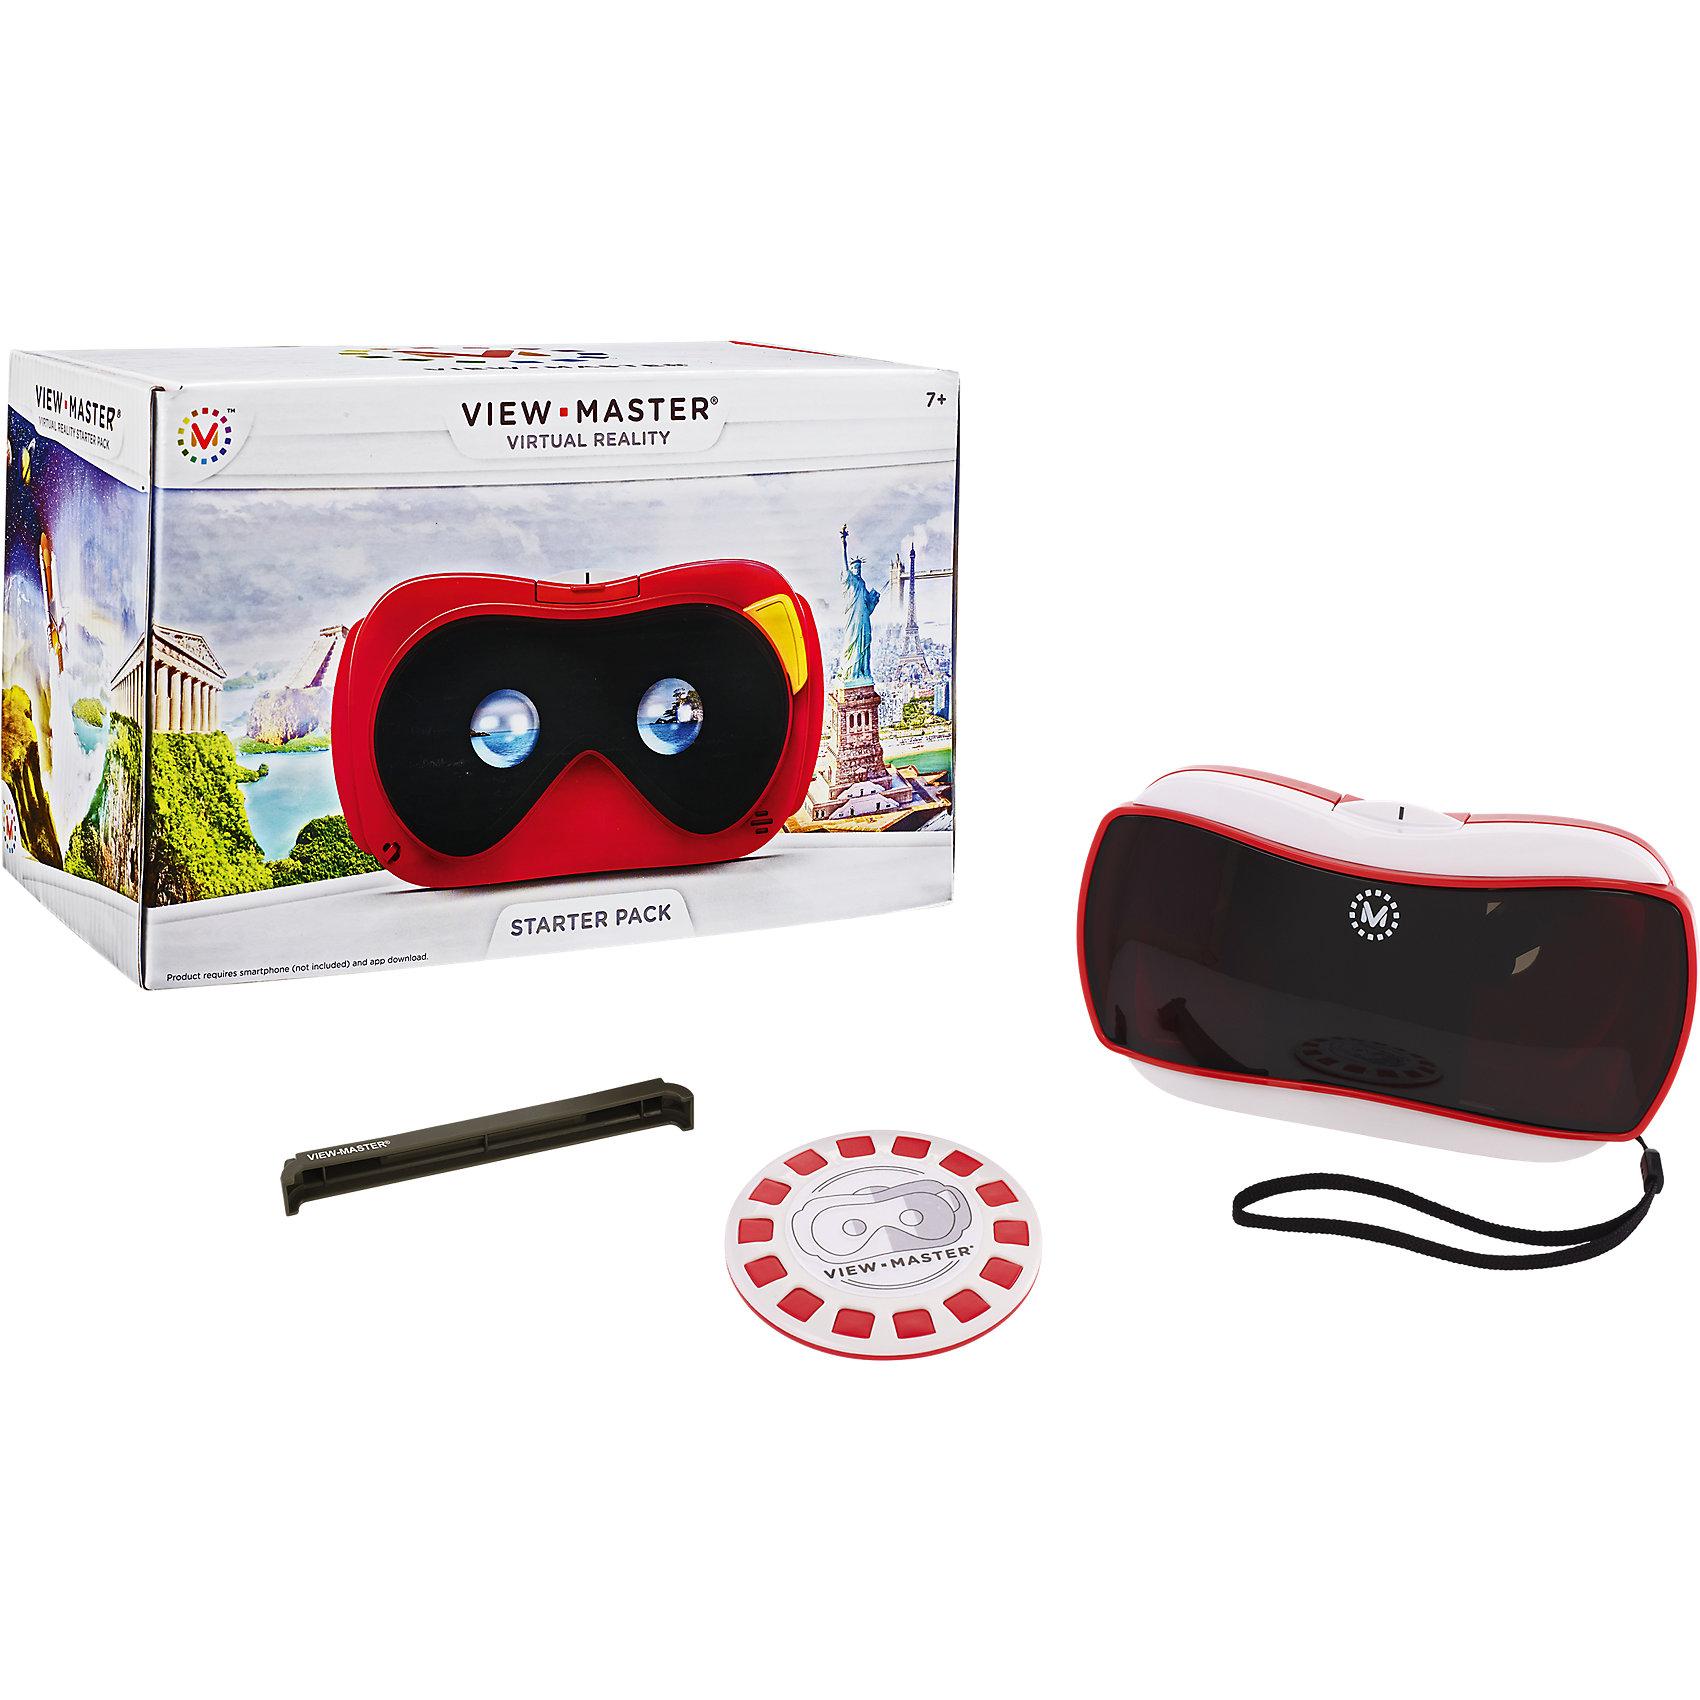 Виртуальные очки View MasterИгры и Пазлы<br>Характеристики:<br><br>• Вид игр: обучающие<br>• Пол: универсальный<br>• Цвет: черный, красный, белый<br>• Материал: пластик<br>• Изображение: 3d картинка<br>• Подзарядка устройства производится от смартфона<br>• Для просмотра требуется смартфон с установленным приложением<br>• Приспособление для закрепления смартфона<br>• Тип упаковки: картонная коробка<br>• Размеры (Д*Ш*В): 23,4*12,7*14,6<br>• Вес: 595 г<br><br>Виртуальные очки View Master – инновационная новинка от лидера детских товаров и развивающих игрушек – Mattel. Виртуальные очки позволят совершить увлекательное путешествие в мир природы. Приспособление изготовлено из безопасного и ударопрочного пластика, в котором имеется отверстие для закрепления смартфона. Очки имеют легкий вес и компактный размер, поэтому их можно брать с собой в дальние путешествия.<br><br>Виртуальные очки View Master, Mattel можно купить в нашем интернет-магазине.<br><br>Ширина мм: 244<br>Глубина мм: 151<br>Высота мм: 135<br>Вес г: 674<br>Возраст от месяцев: 84<br>Возраст до месяцев: 132<br>Пол: Унисекс<br>Возраст: Детский<br>SKU: 4355889